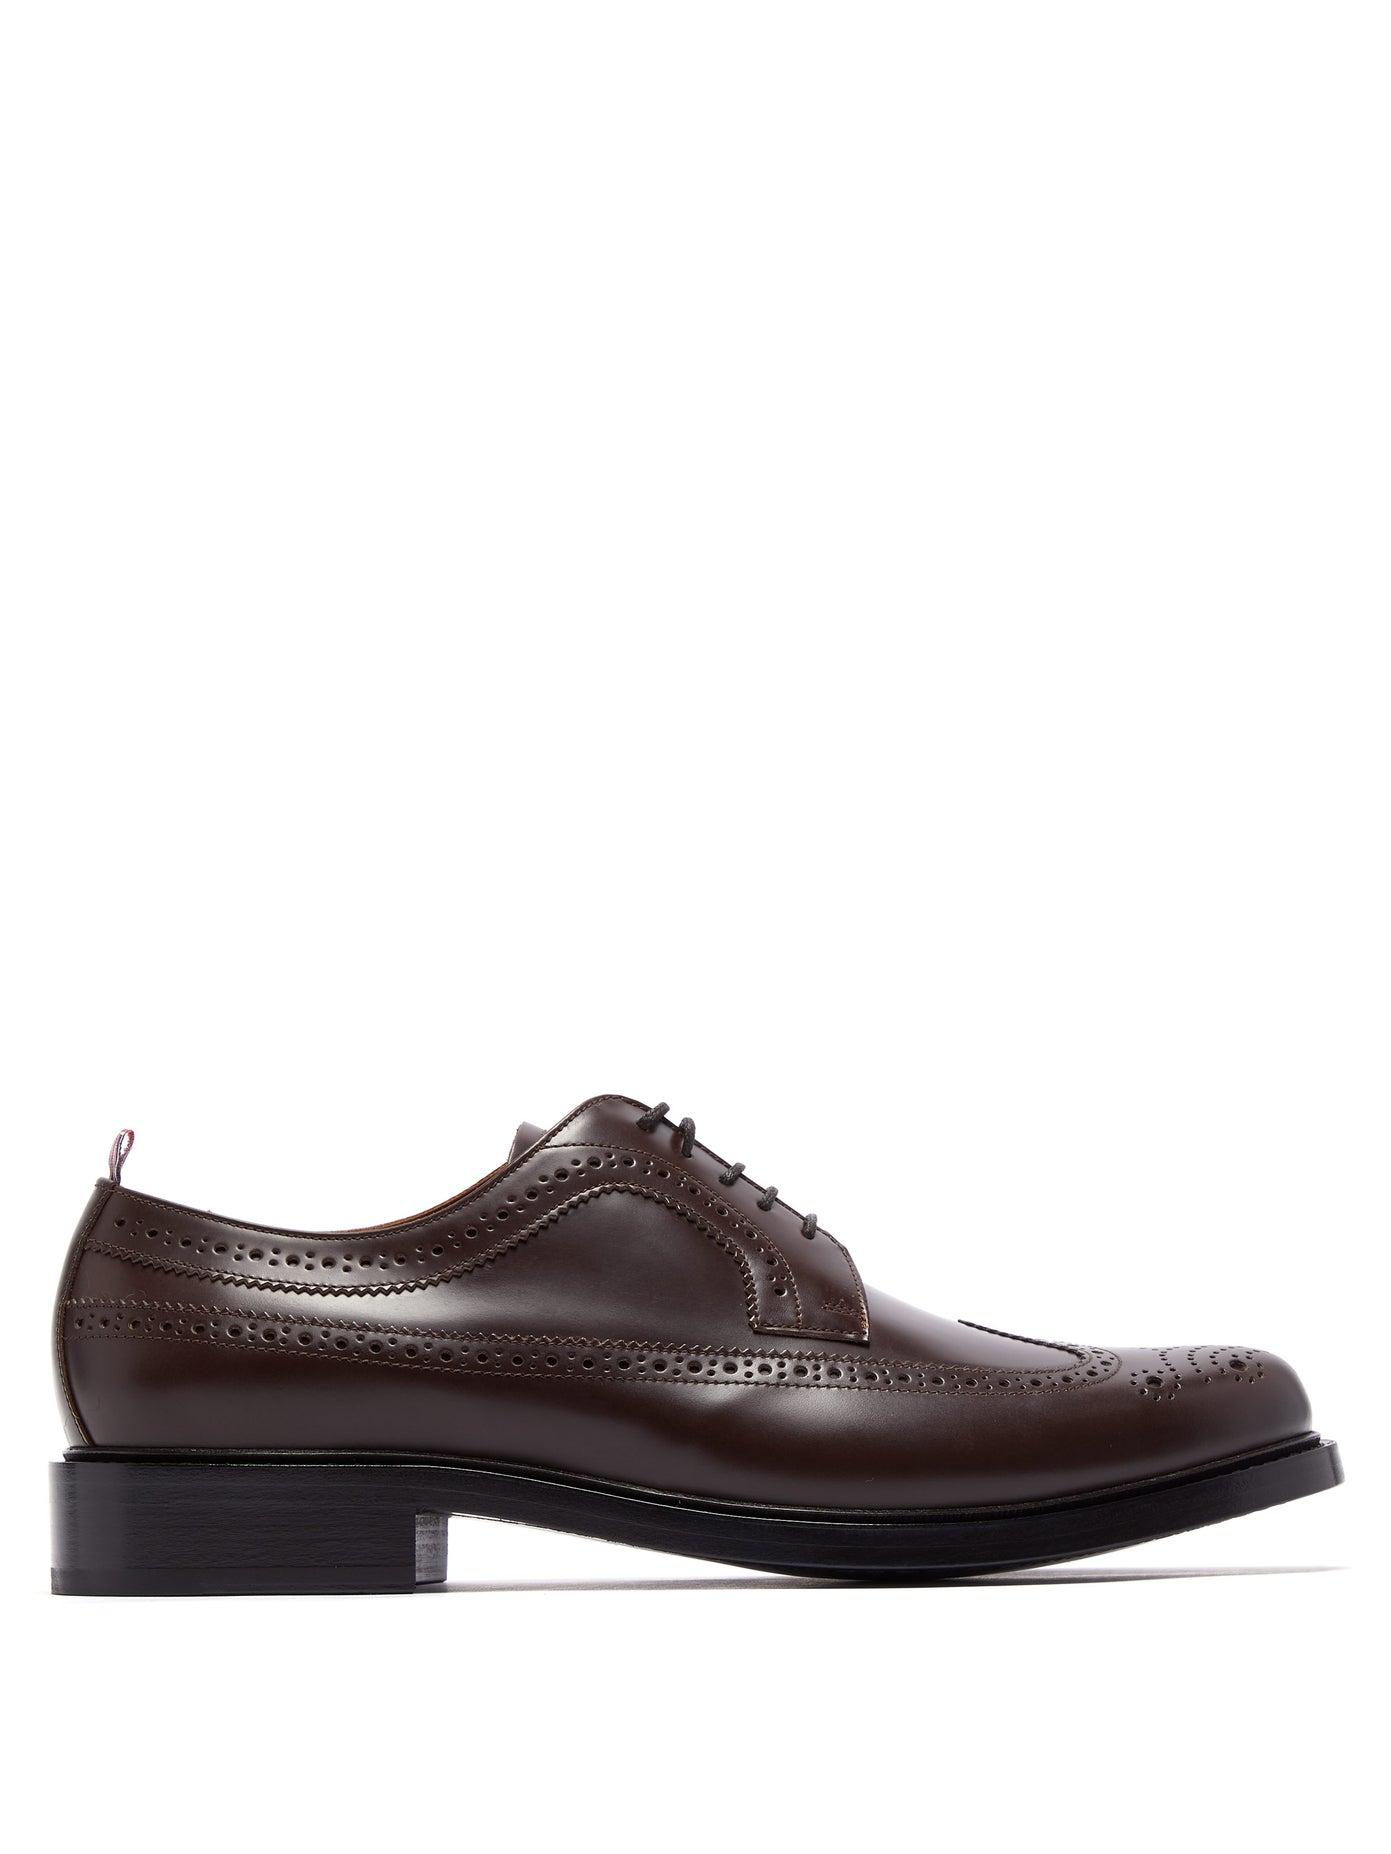 حذاء بتصميم أنيق ومميز من Burberry